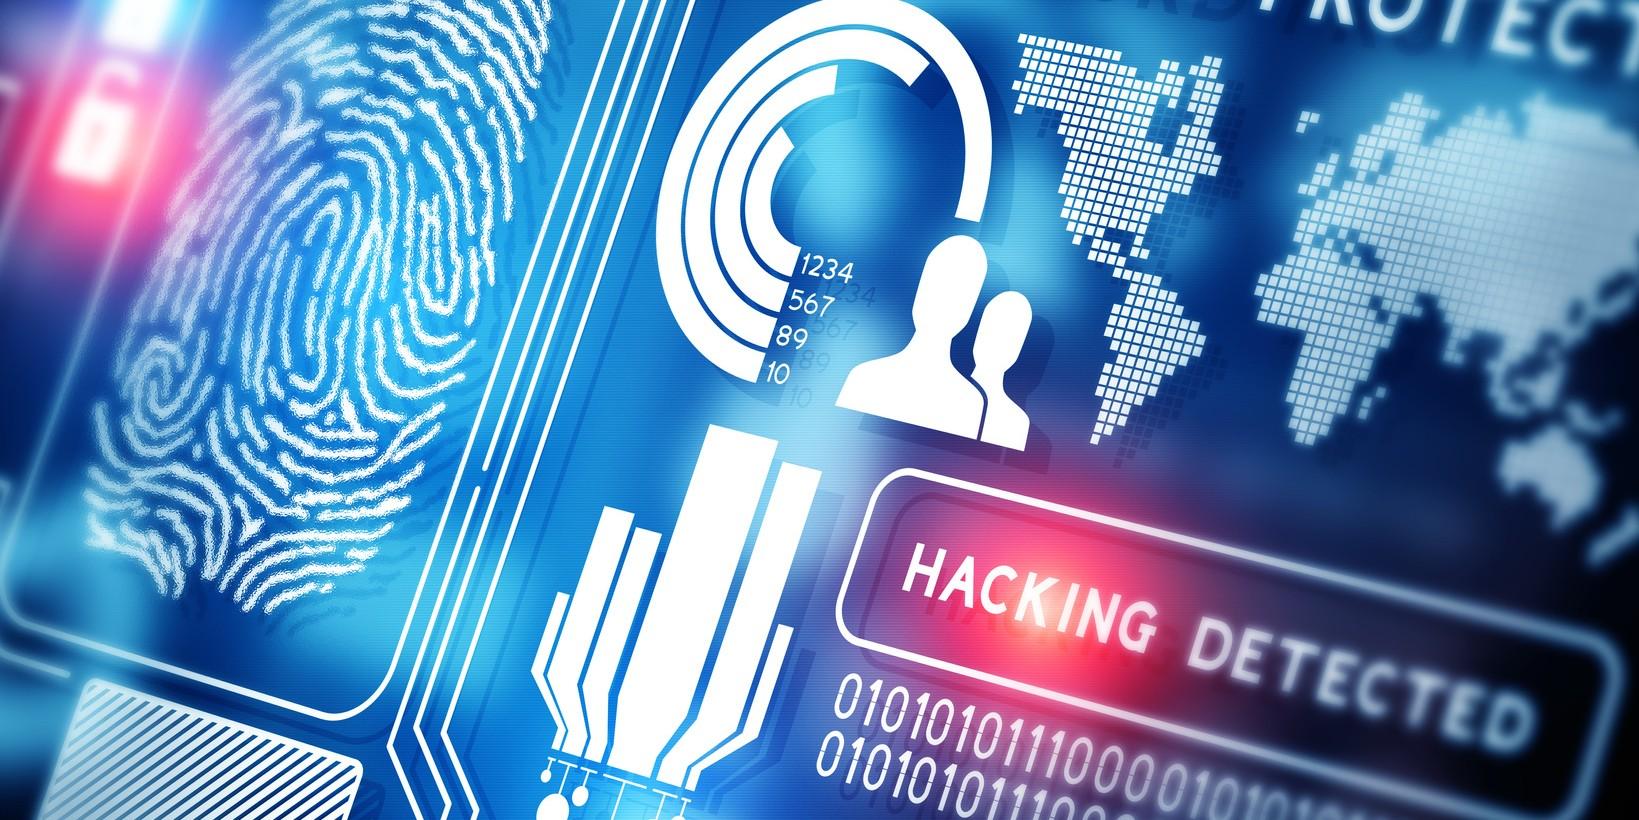 6 menaces à surveiller en cybersécurité